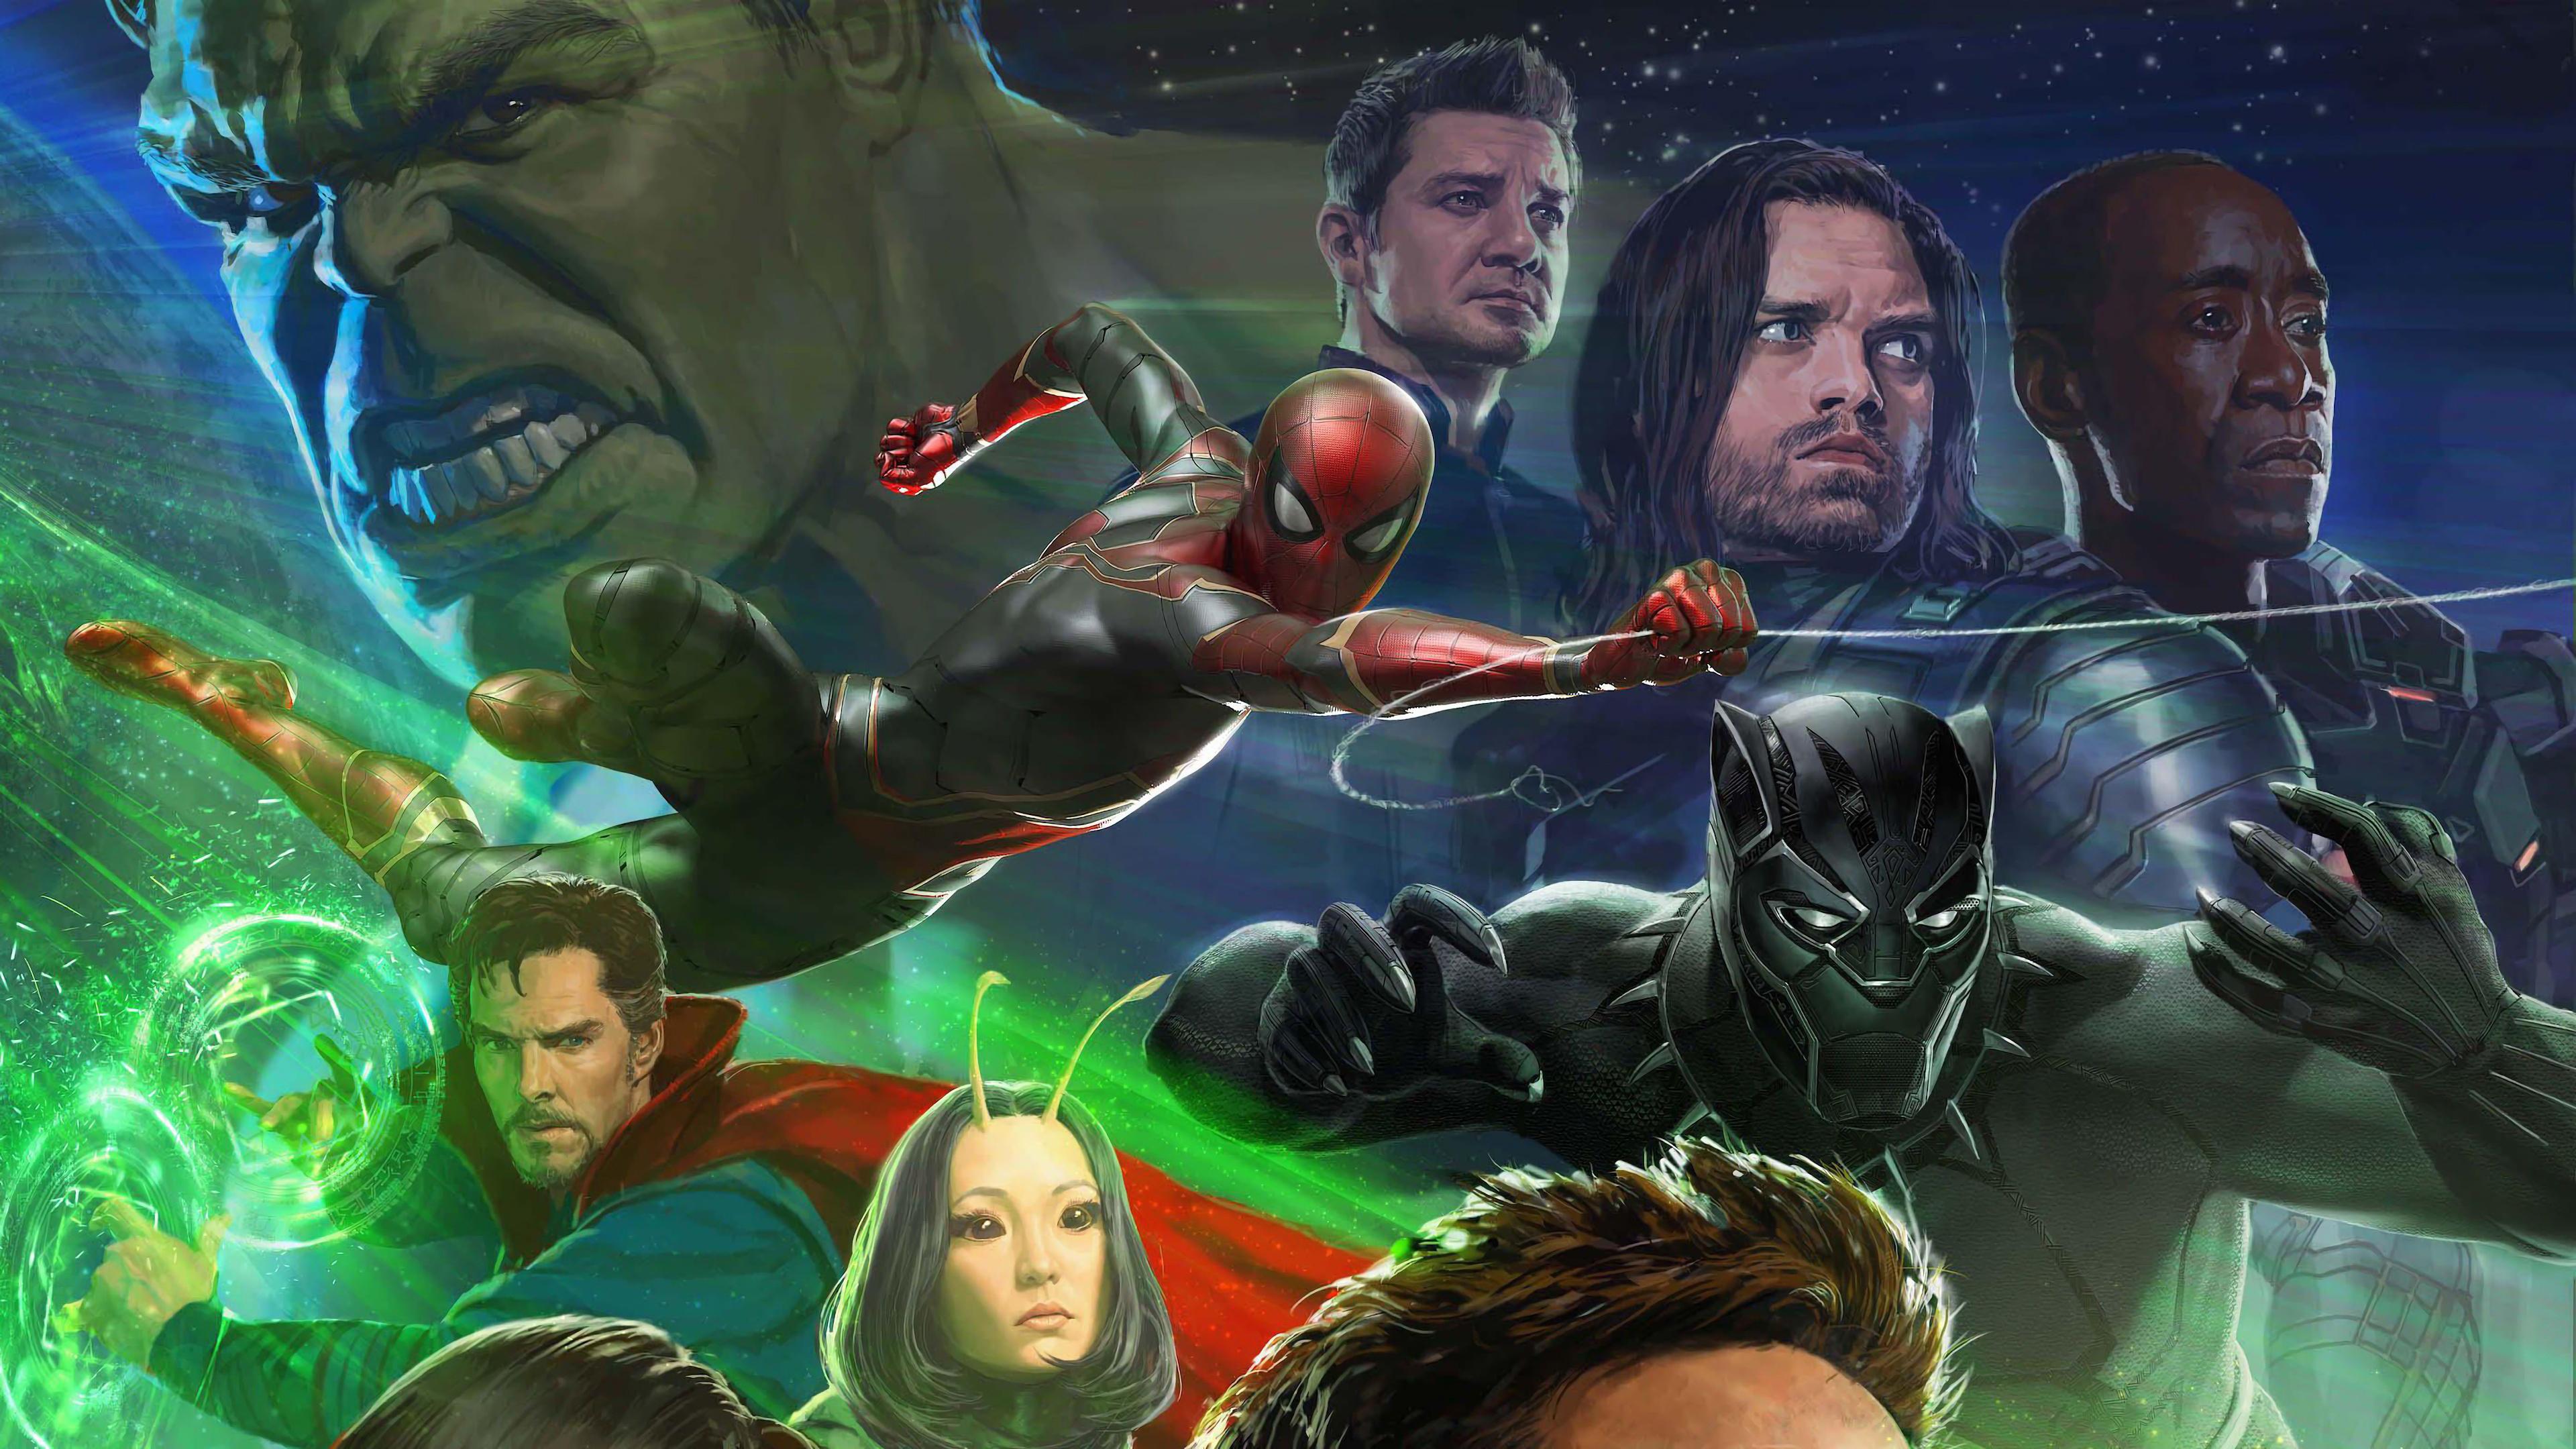 Человек-паук и главные герои фильма